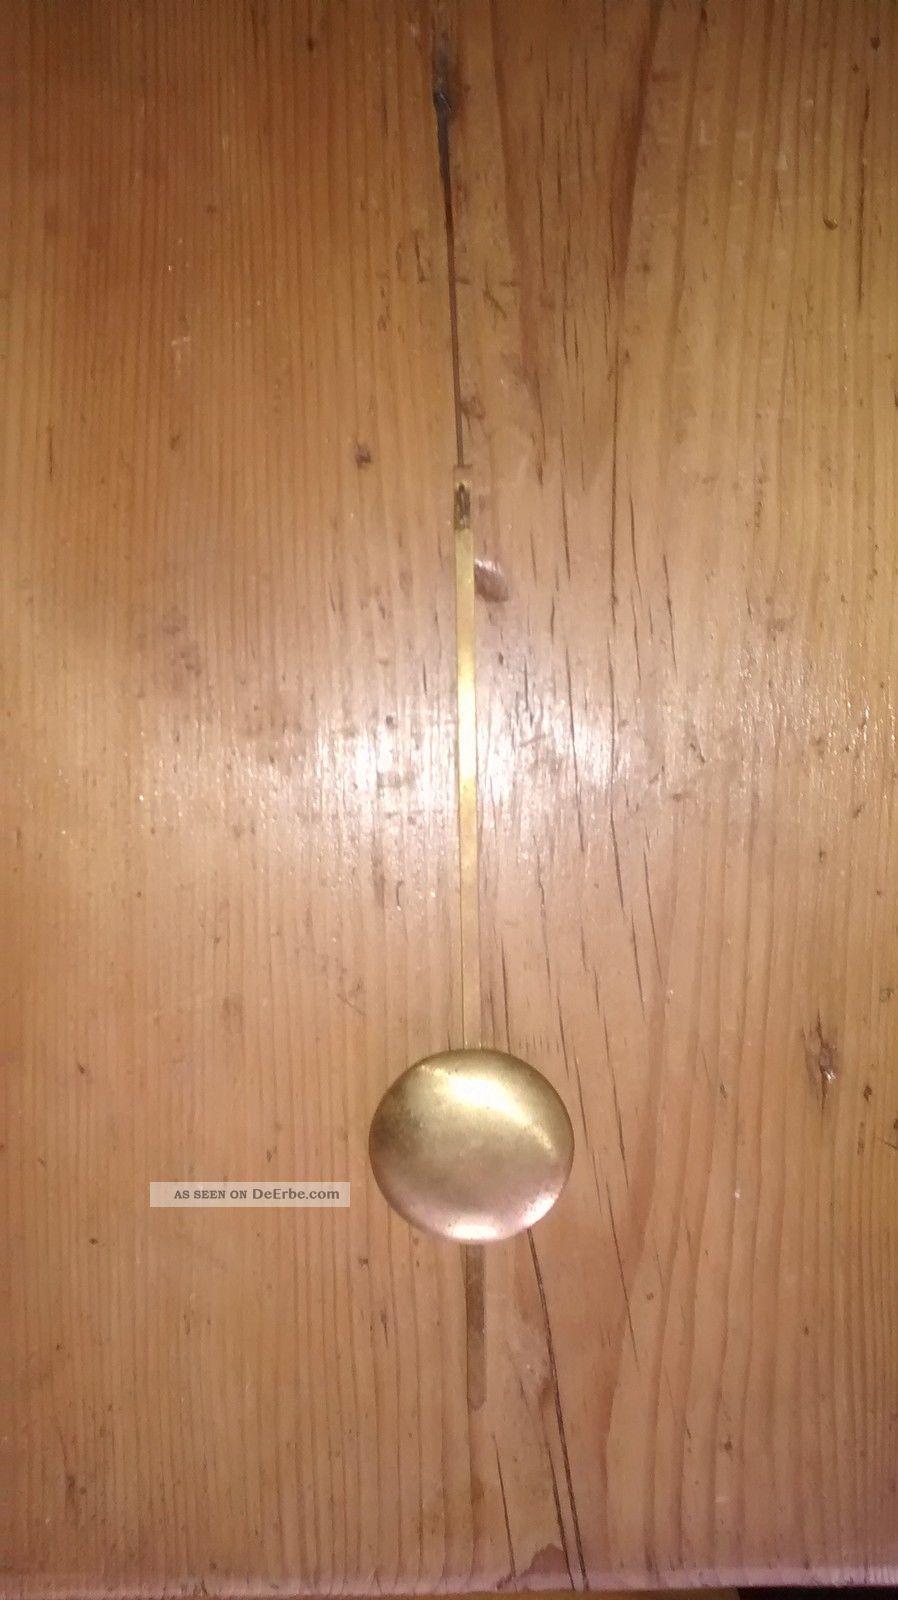 altes pendel oder perpendikel f r eine wanduhr